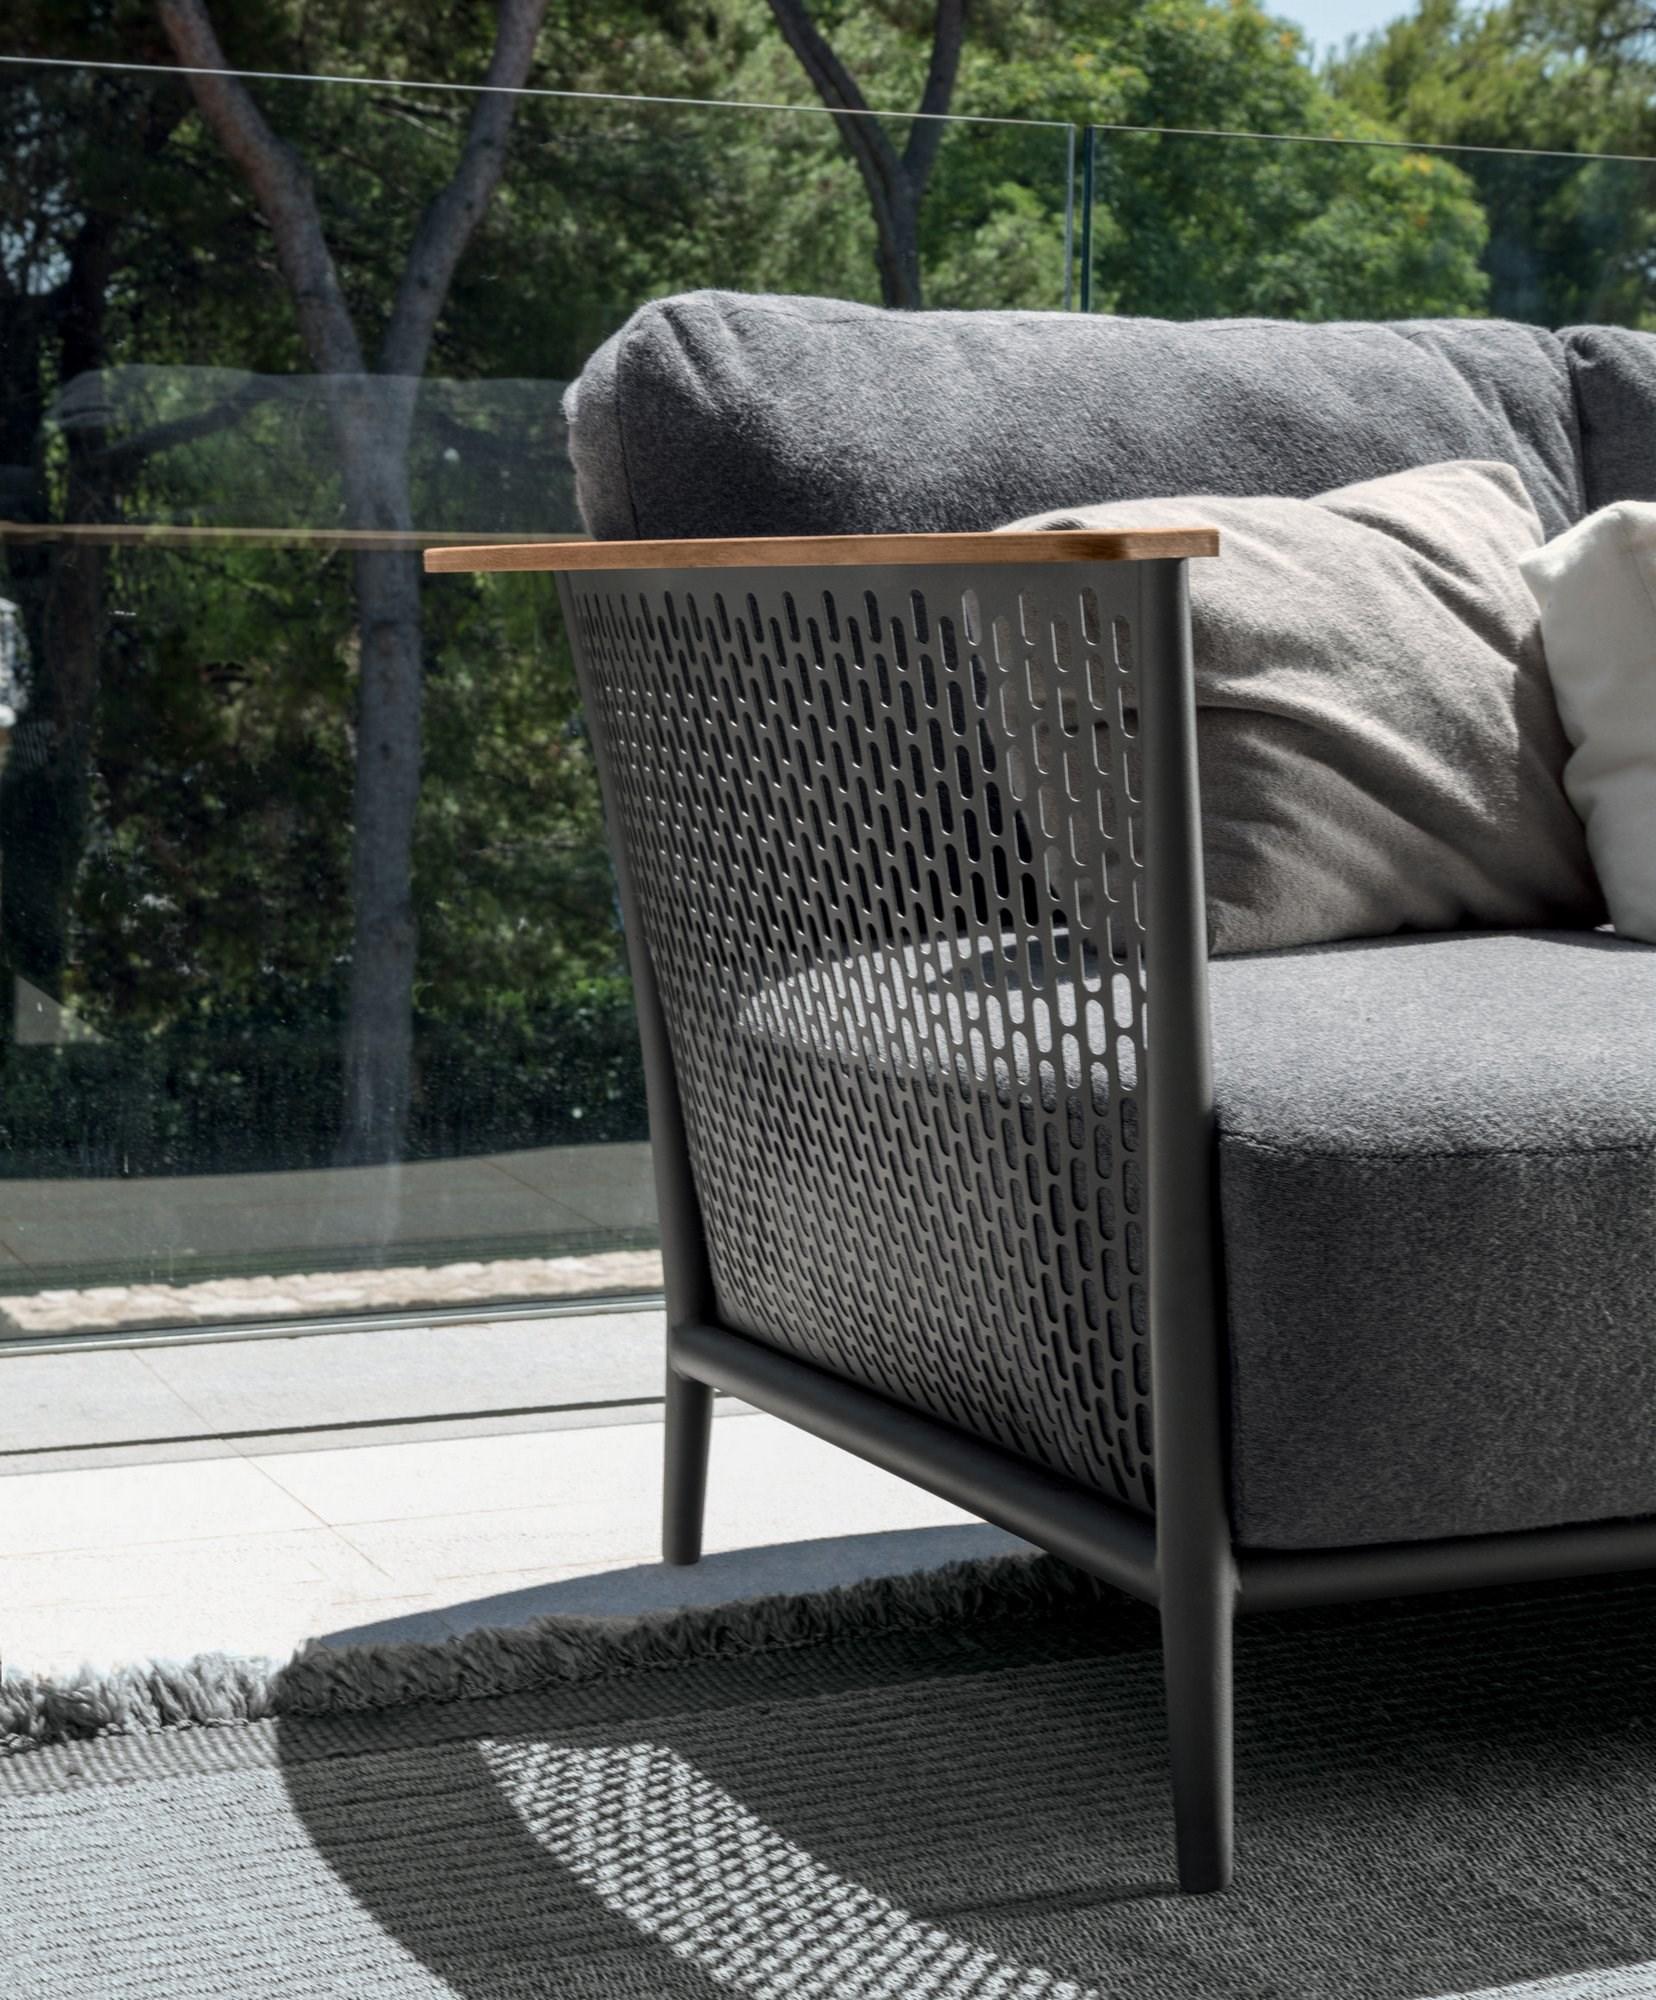 PASCAL-Garden-sofa-Talenti-360583-rel16a68fa6.jpg